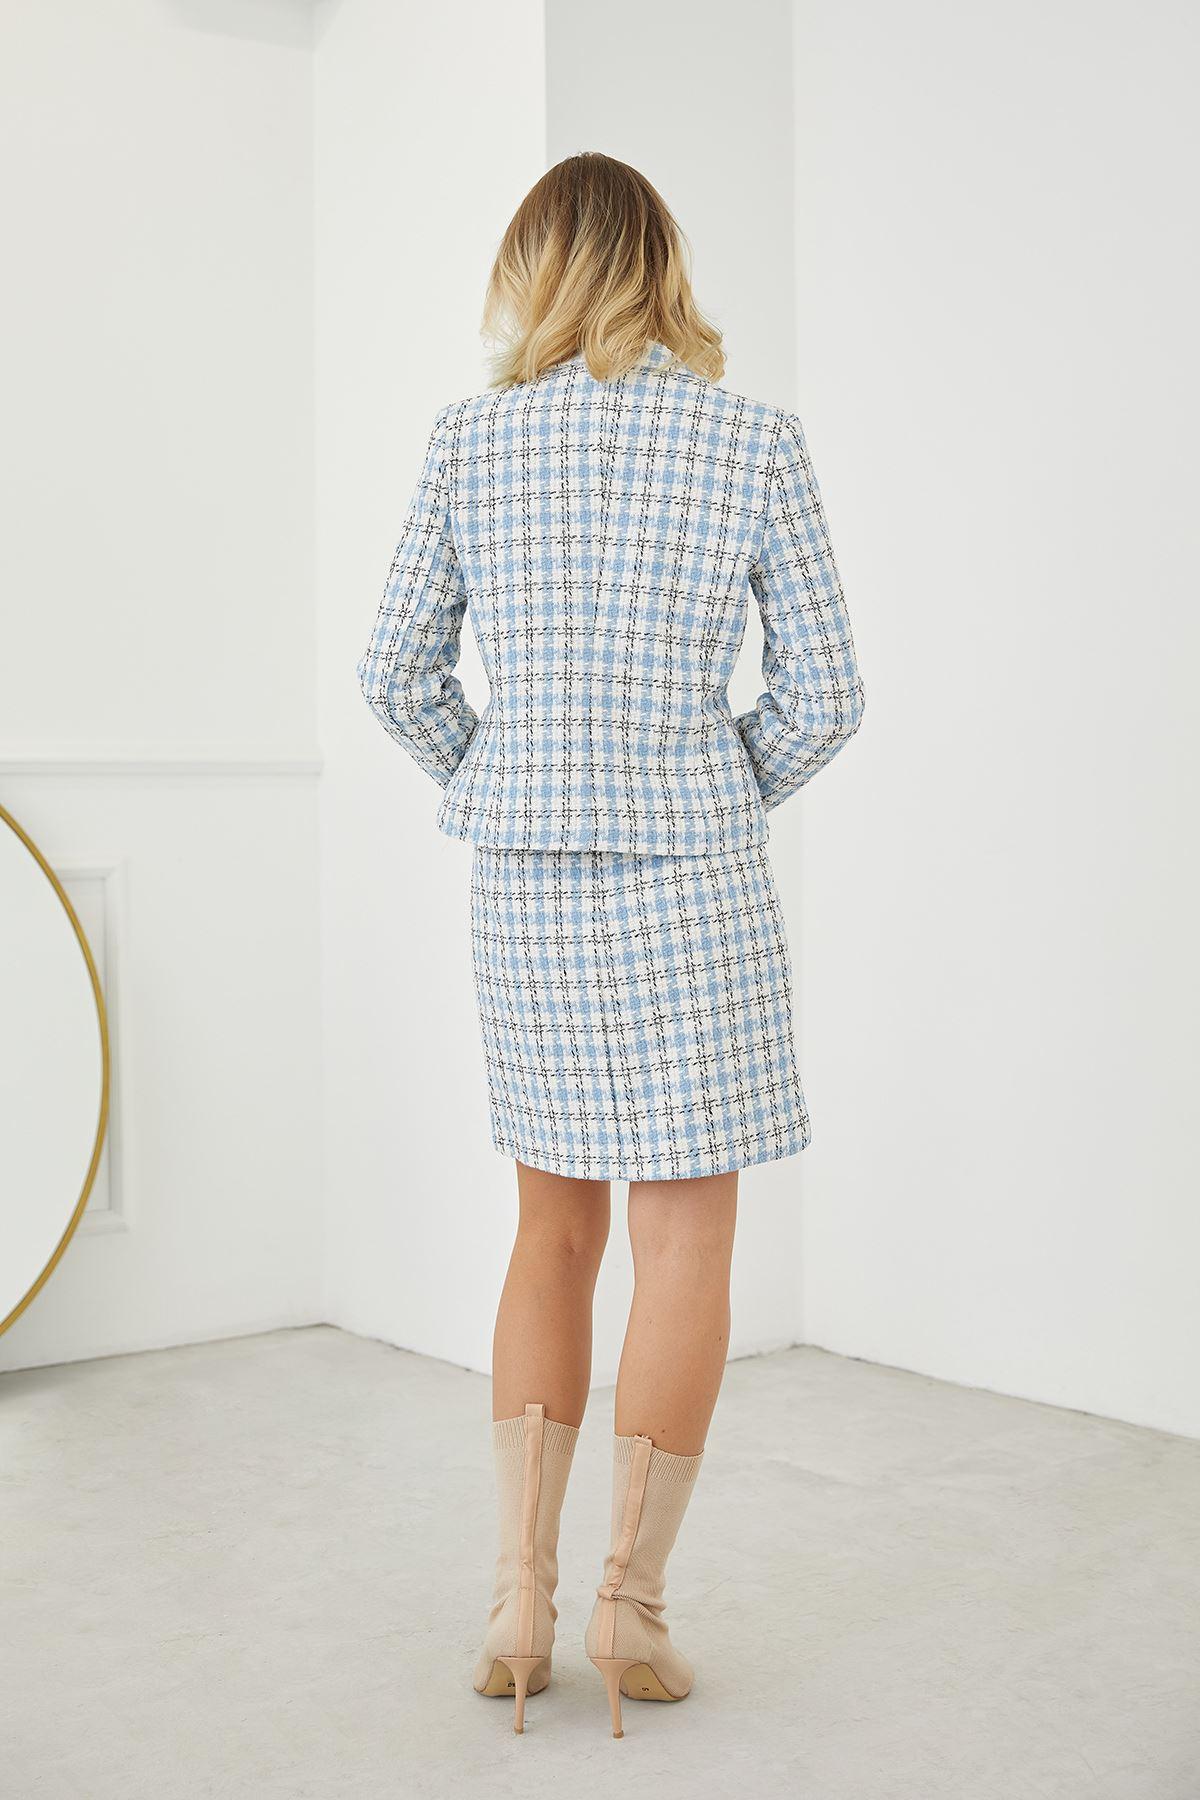 Chanel Kumaş Etek Takım-Bebemavi